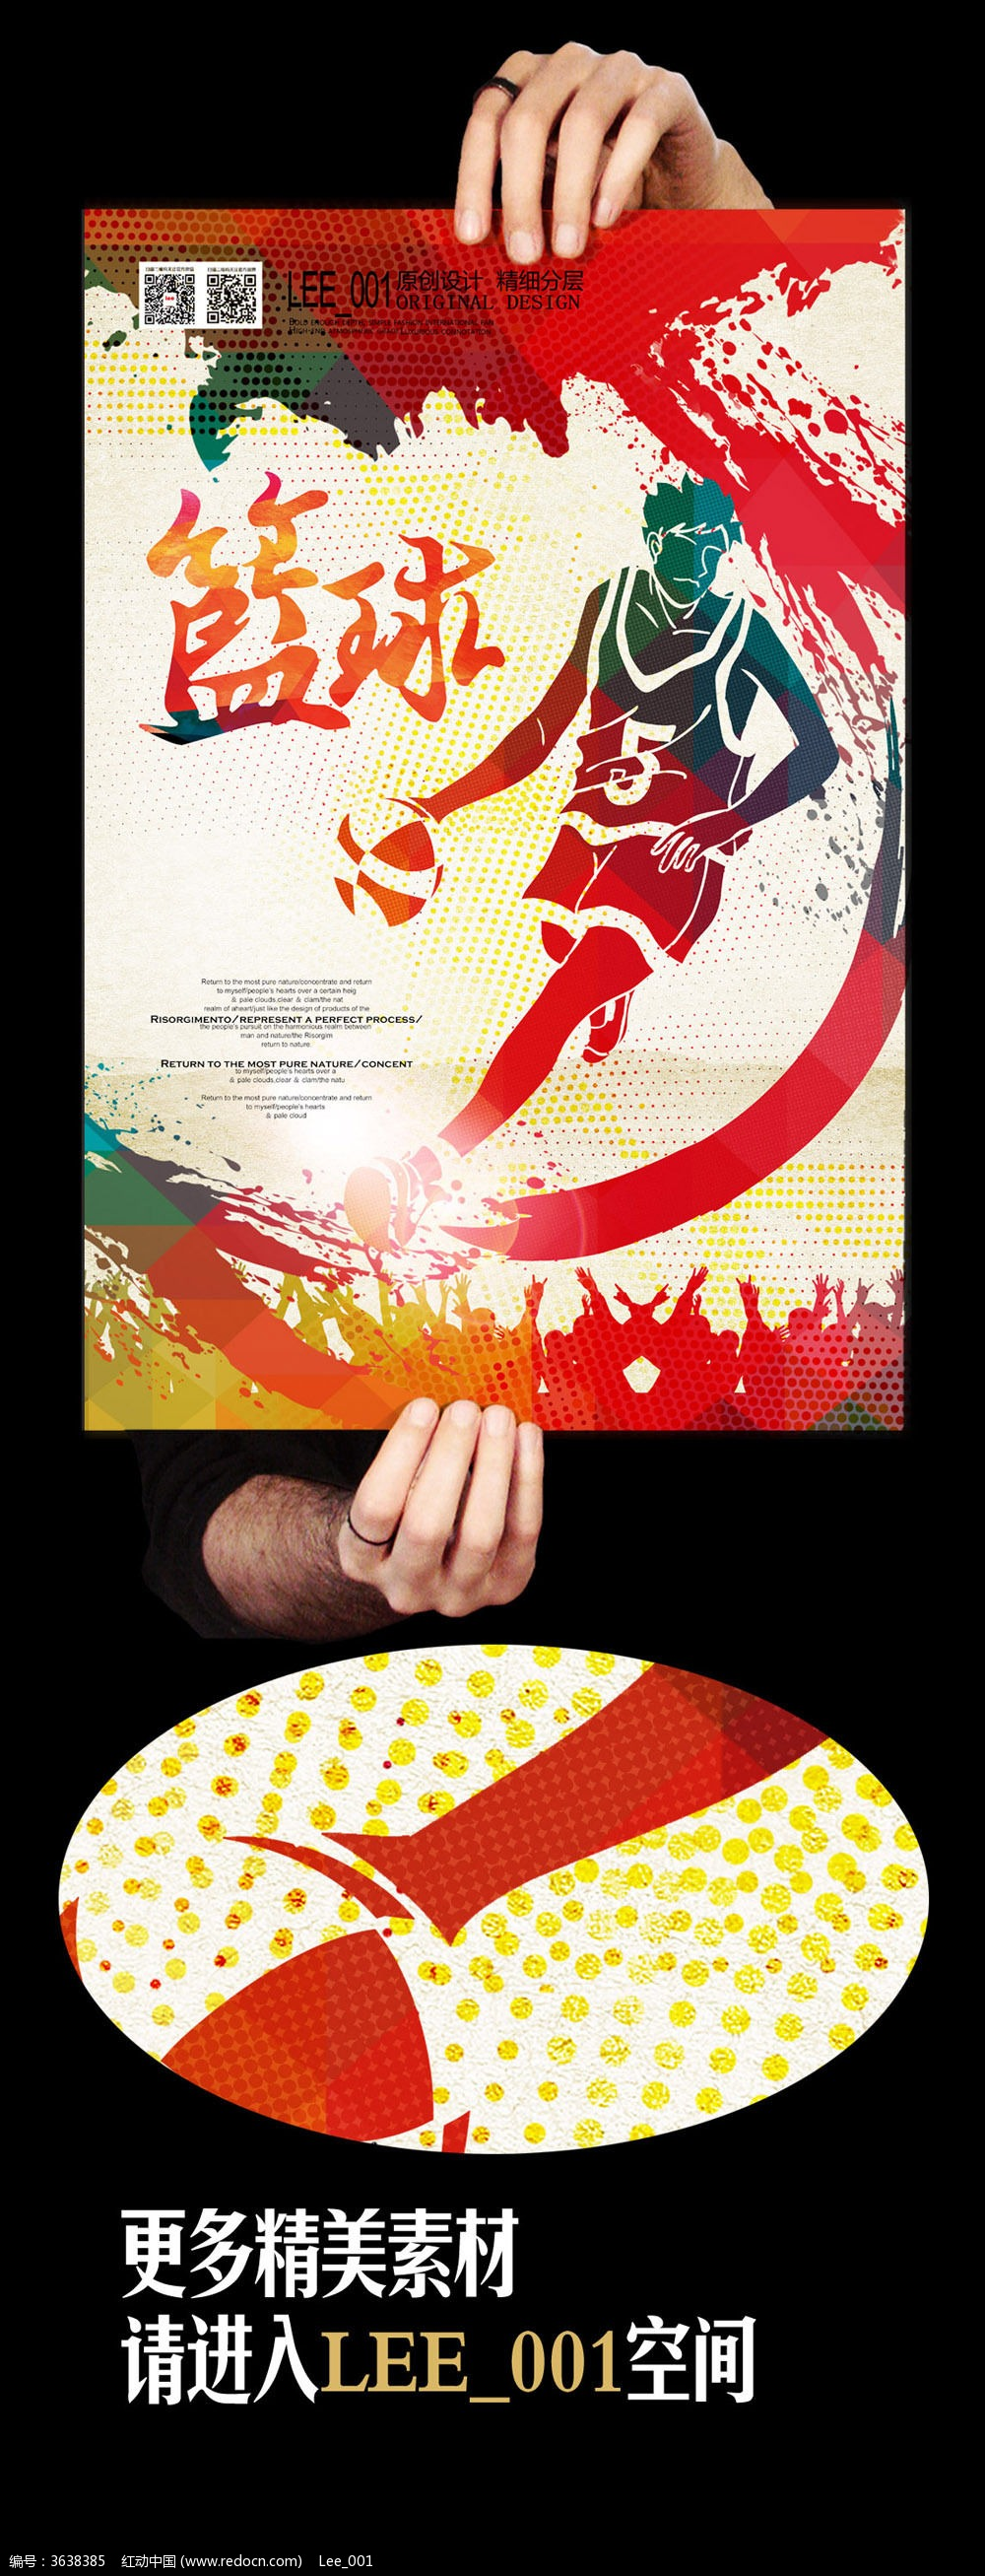 手绘篮球运动海报设计图片素材 红动手机版